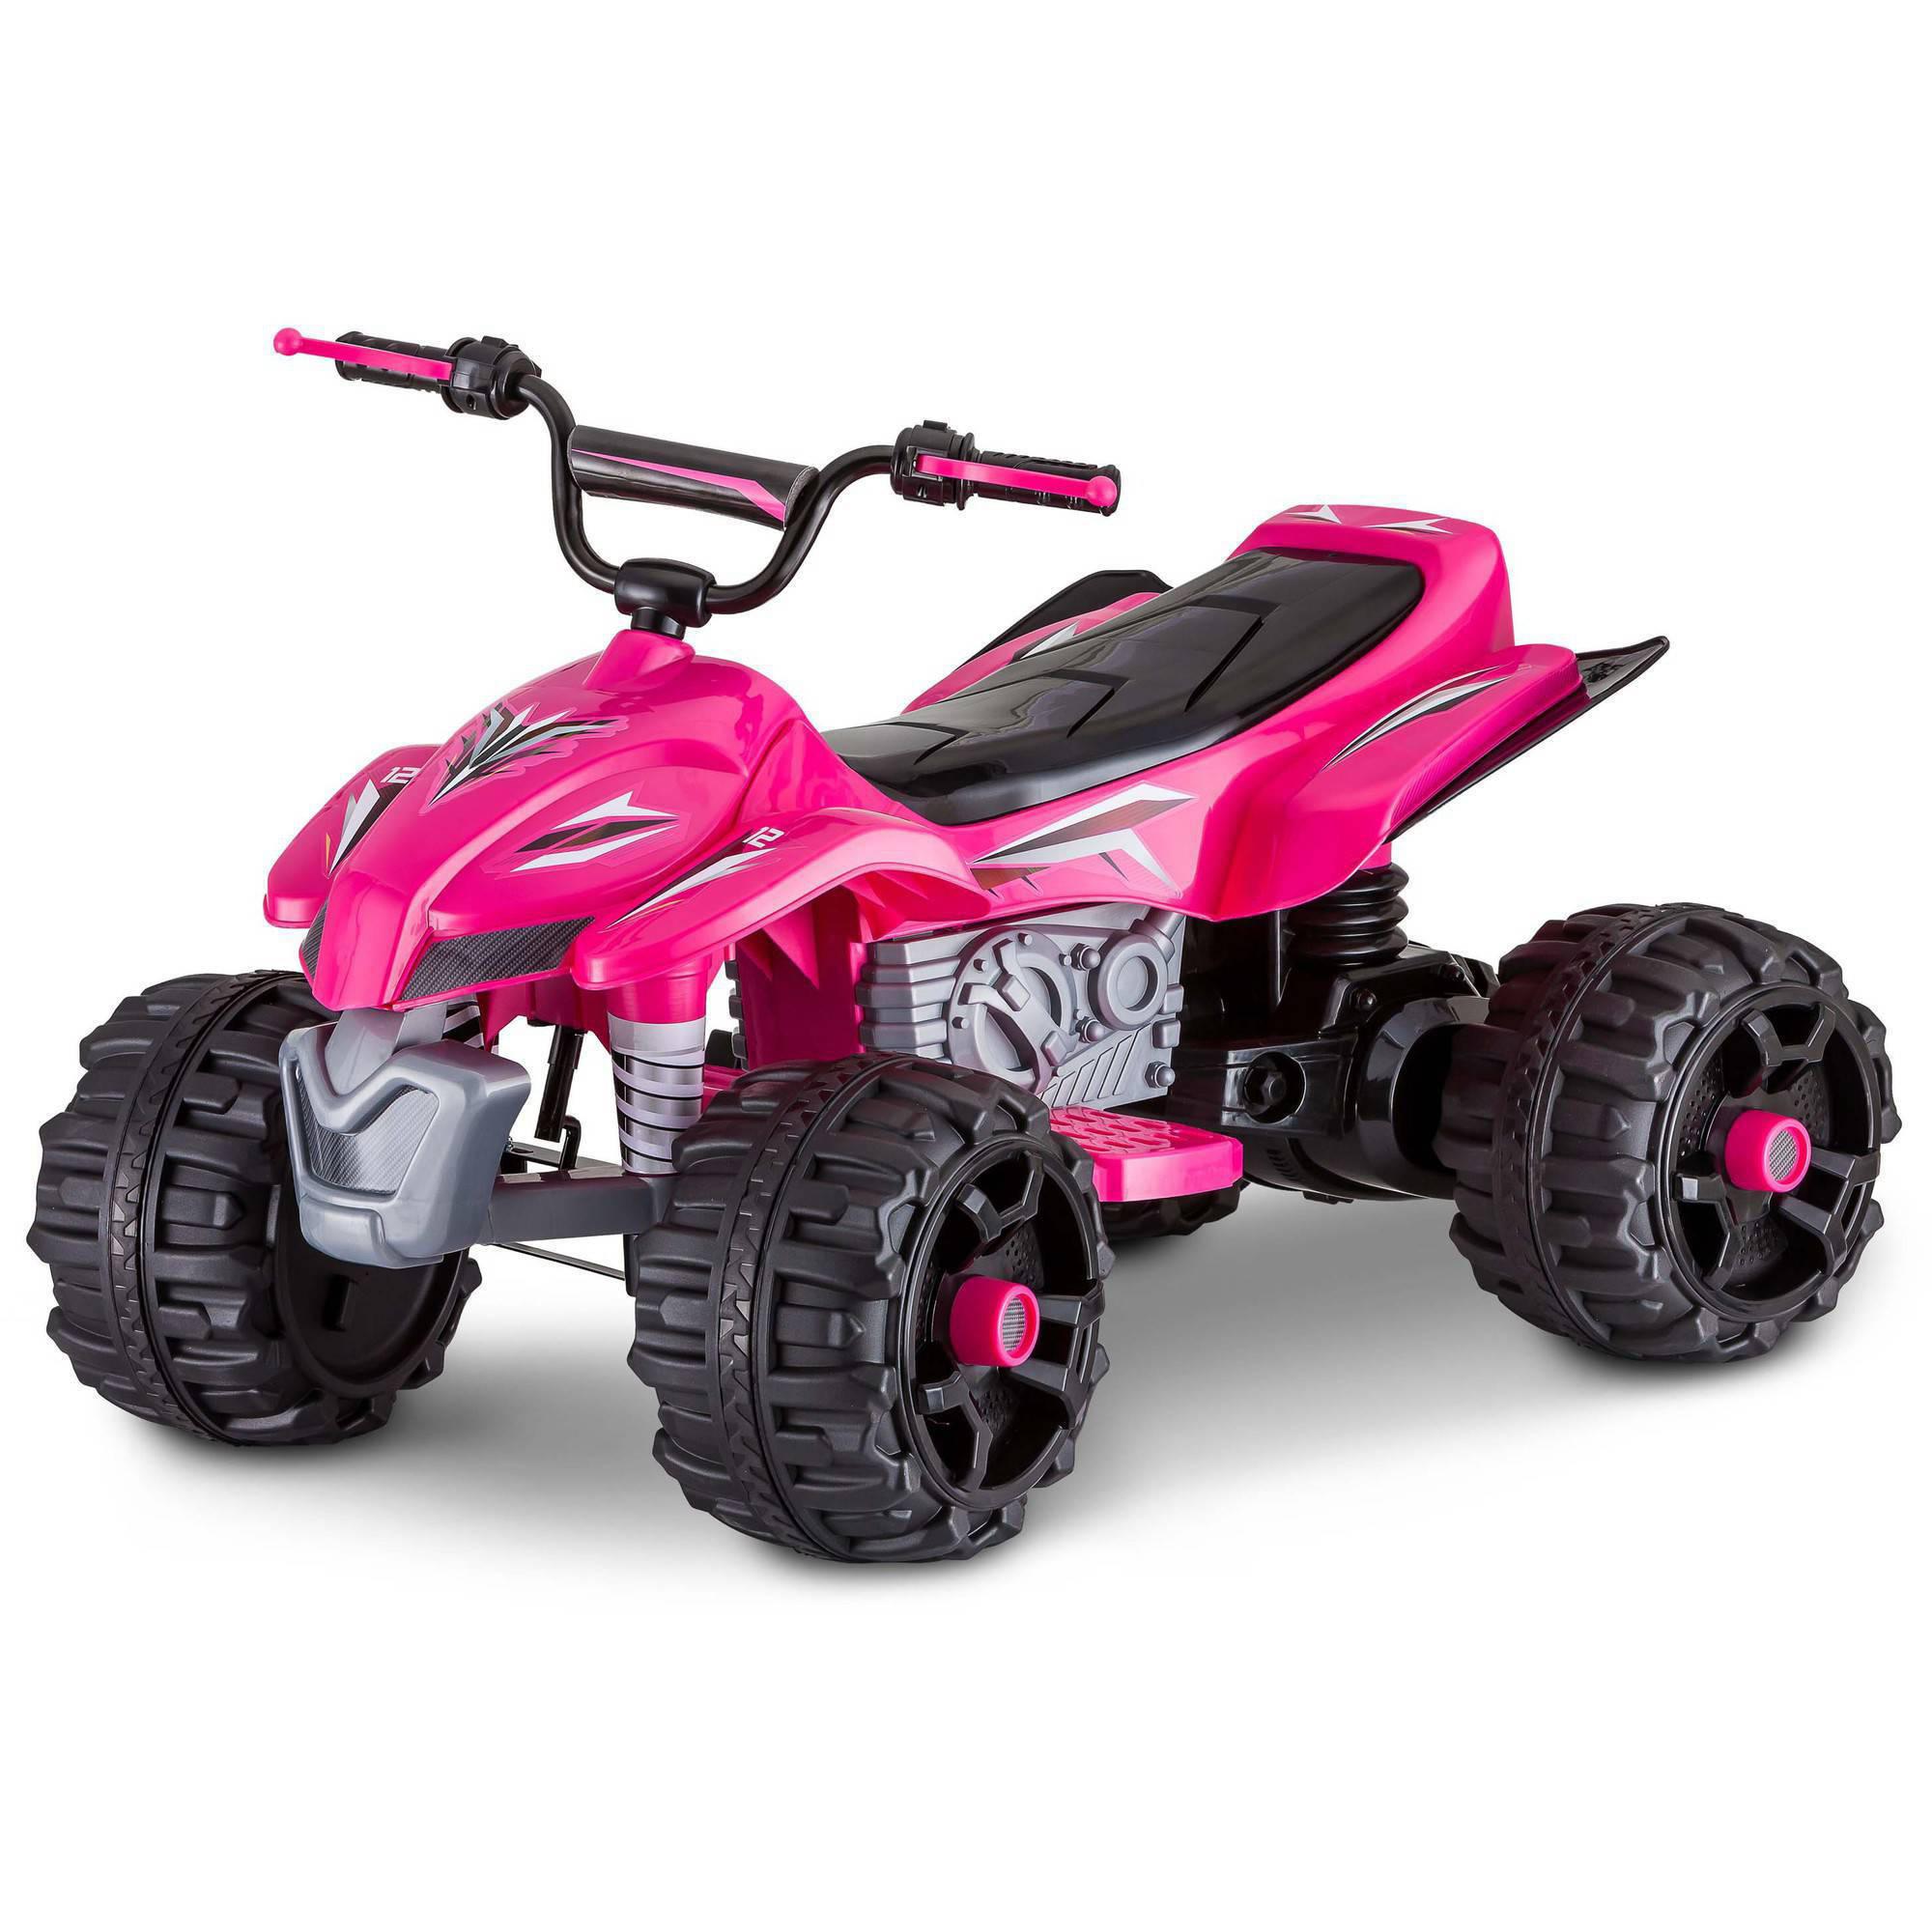 Sport ATV 12V Battery Powered Ride-On, Multiple Colors